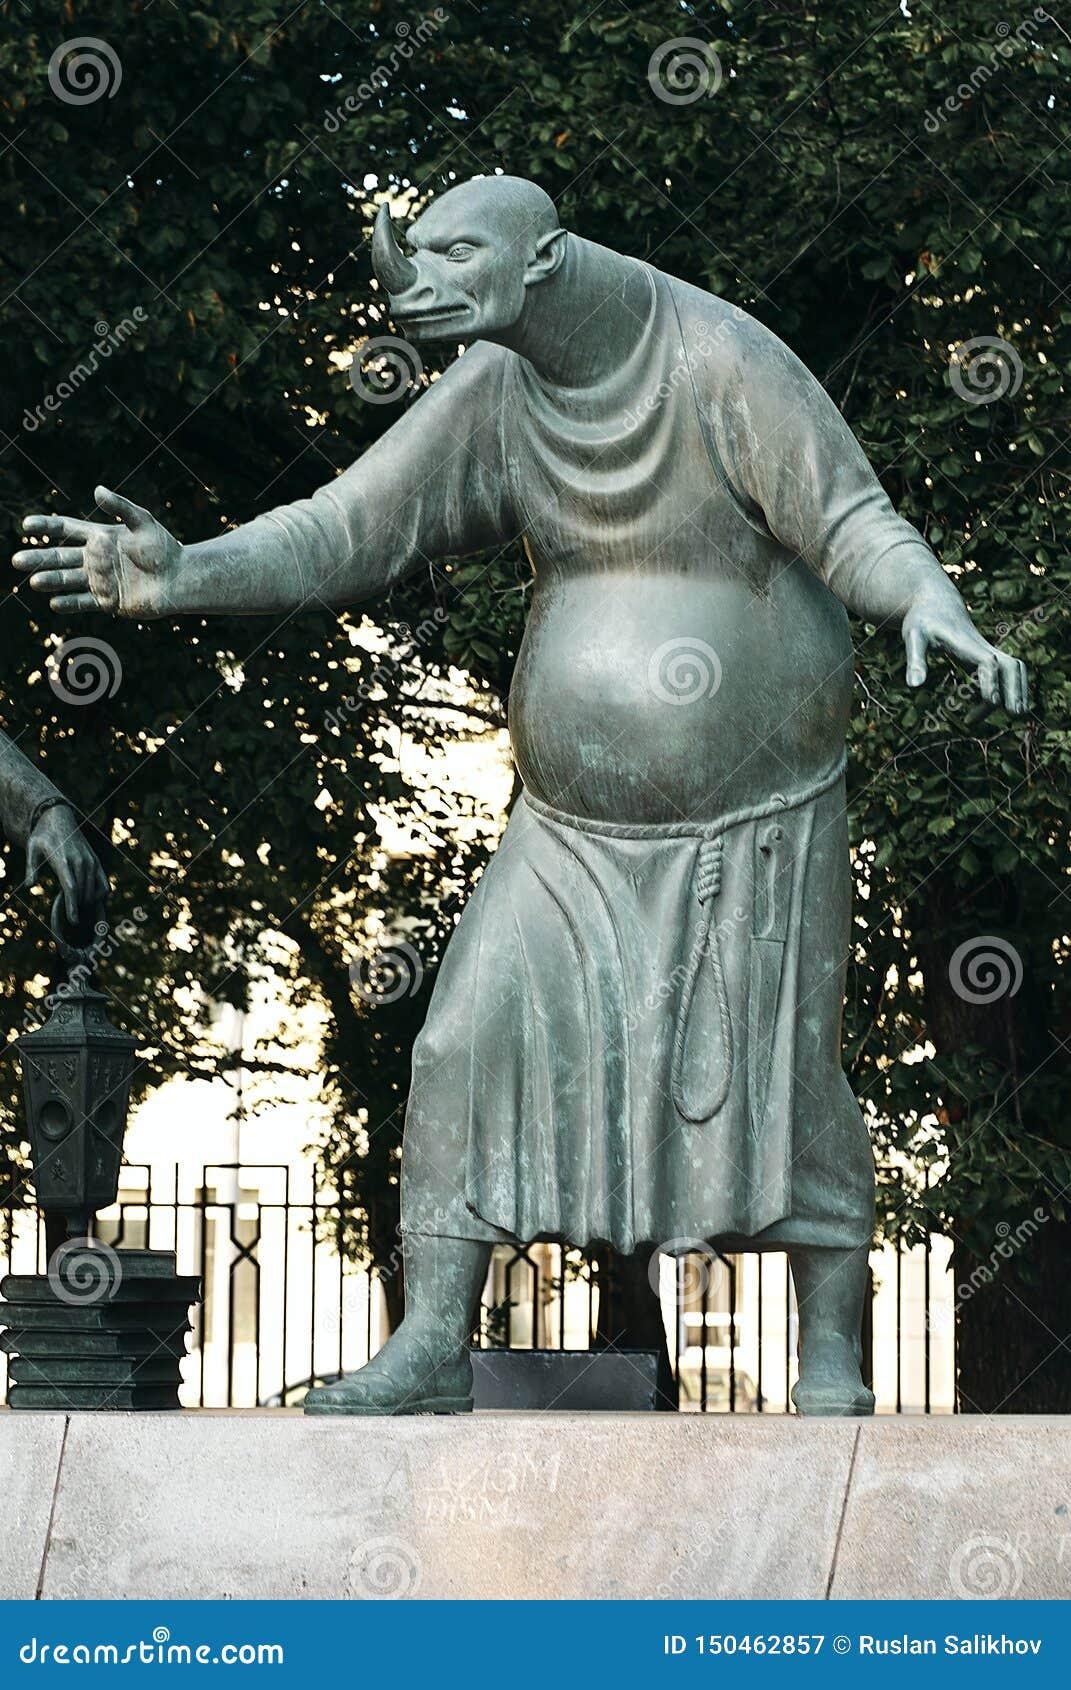 Moskou, Rusland - Juli 24, 2008: De kinderen zijn de Slachtoffers van Volwassen Ondeugden is een groep bronsbeeldhouwwerken die d